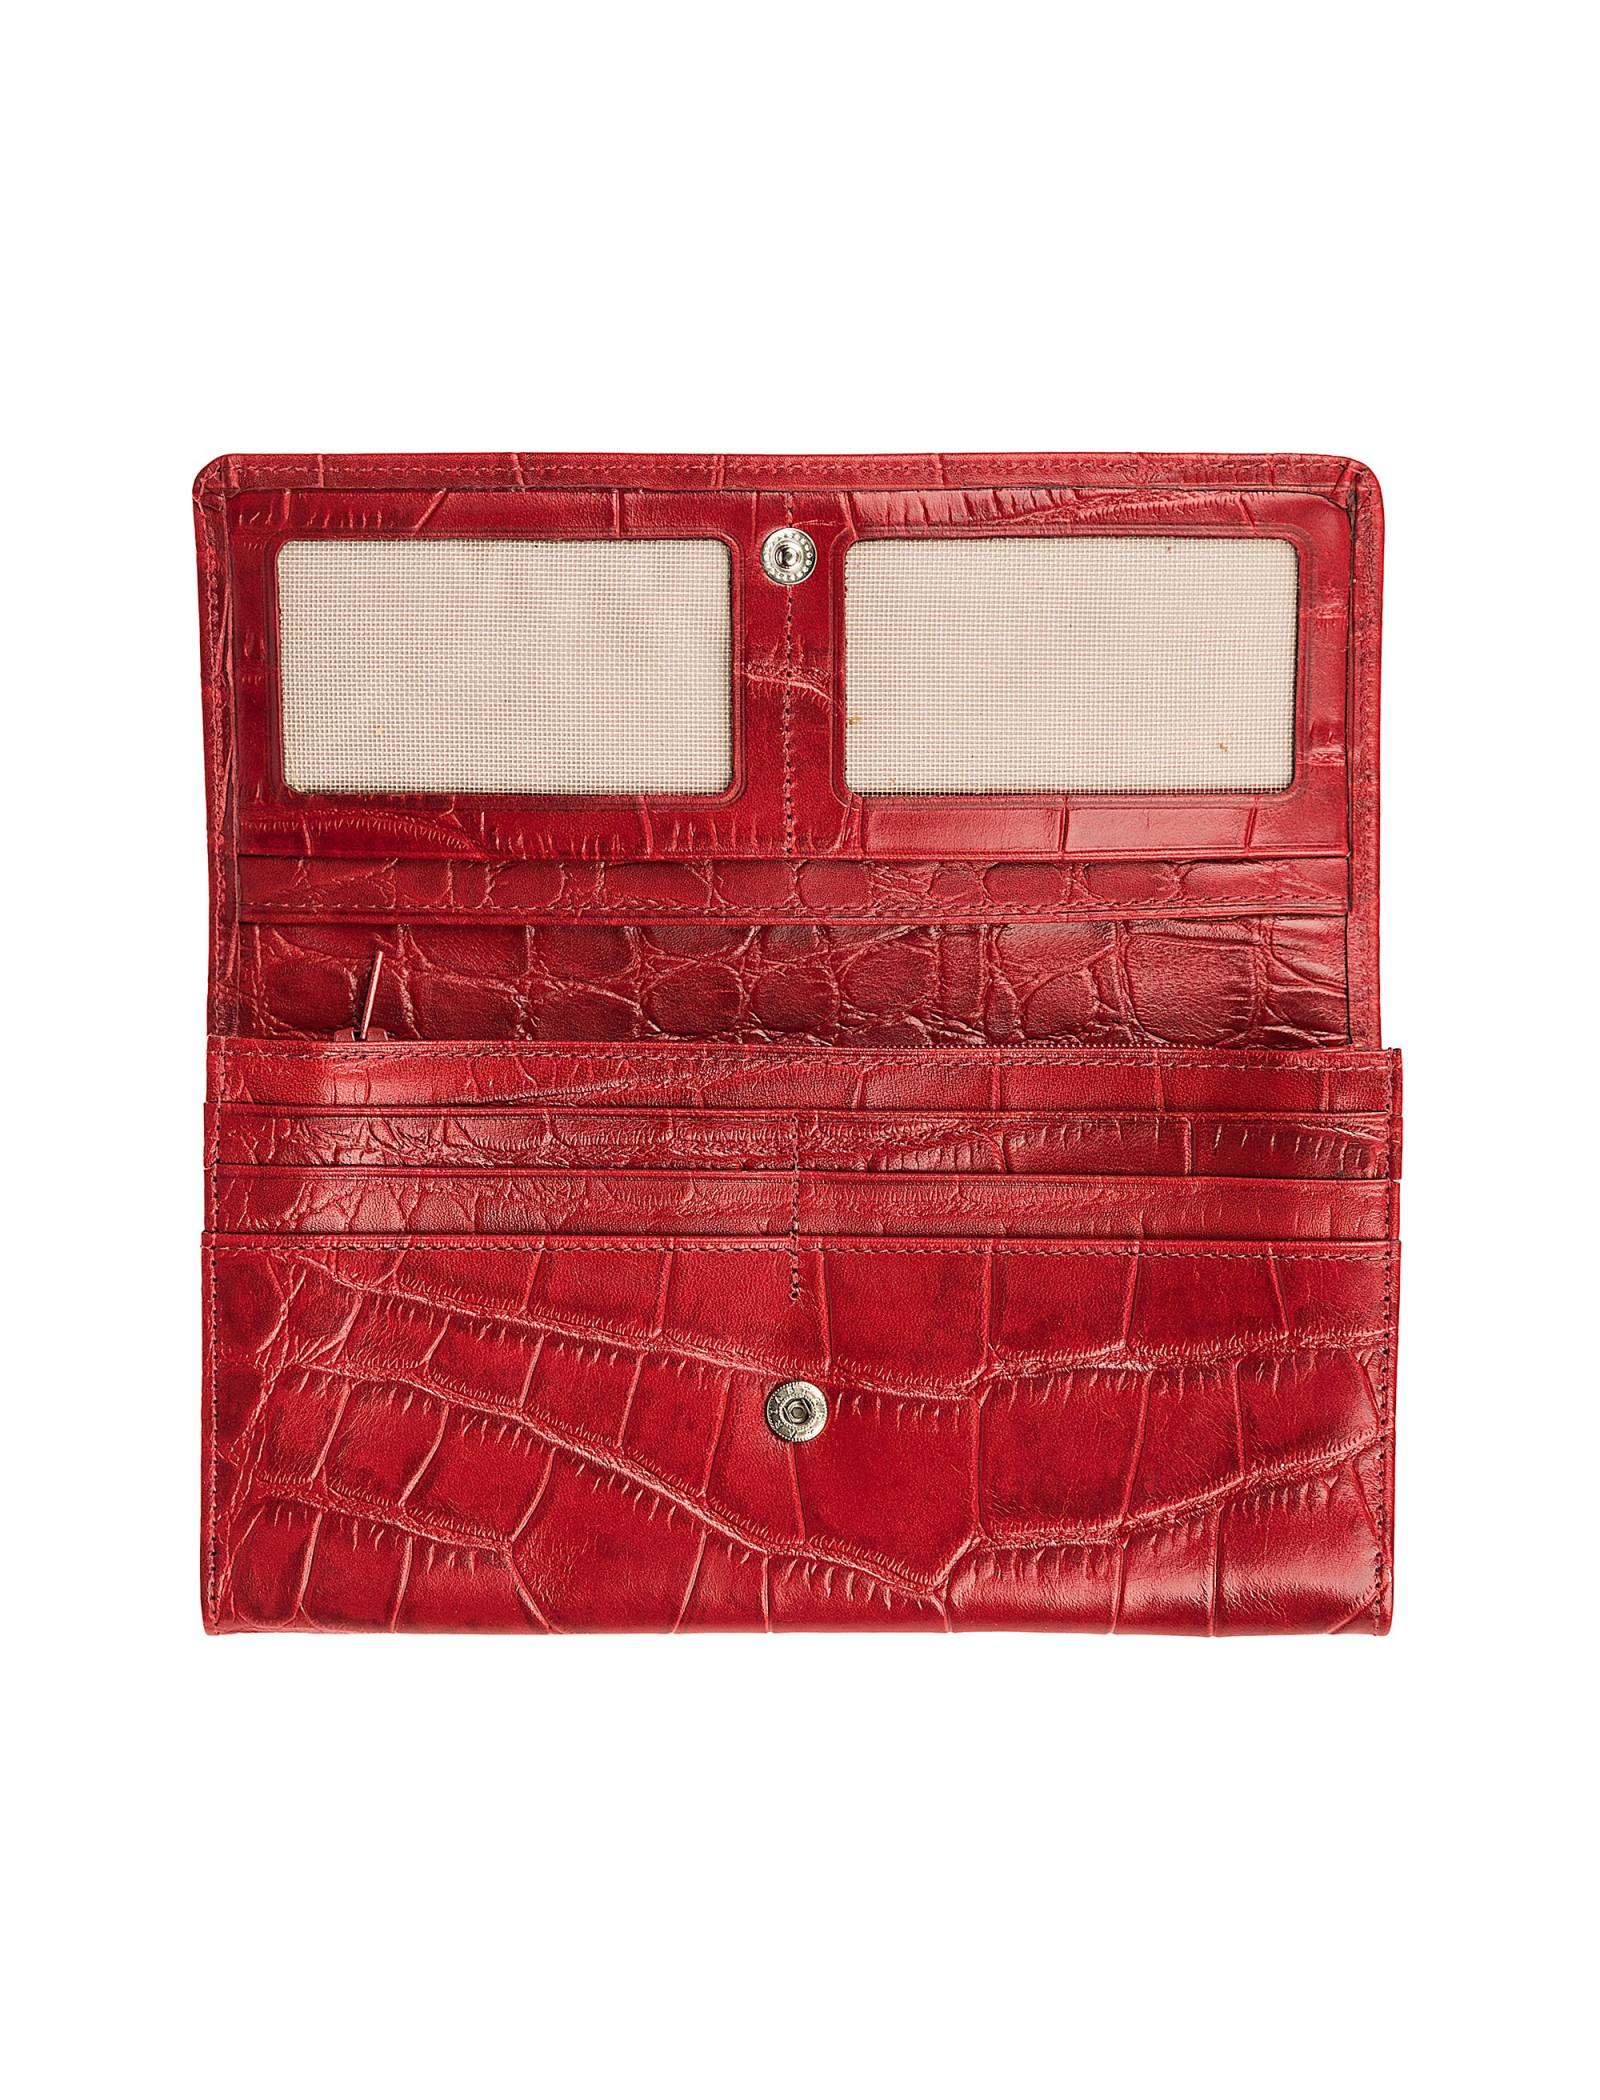 کیف پول چرم زنانه - شهر چرم - قرمز - 3